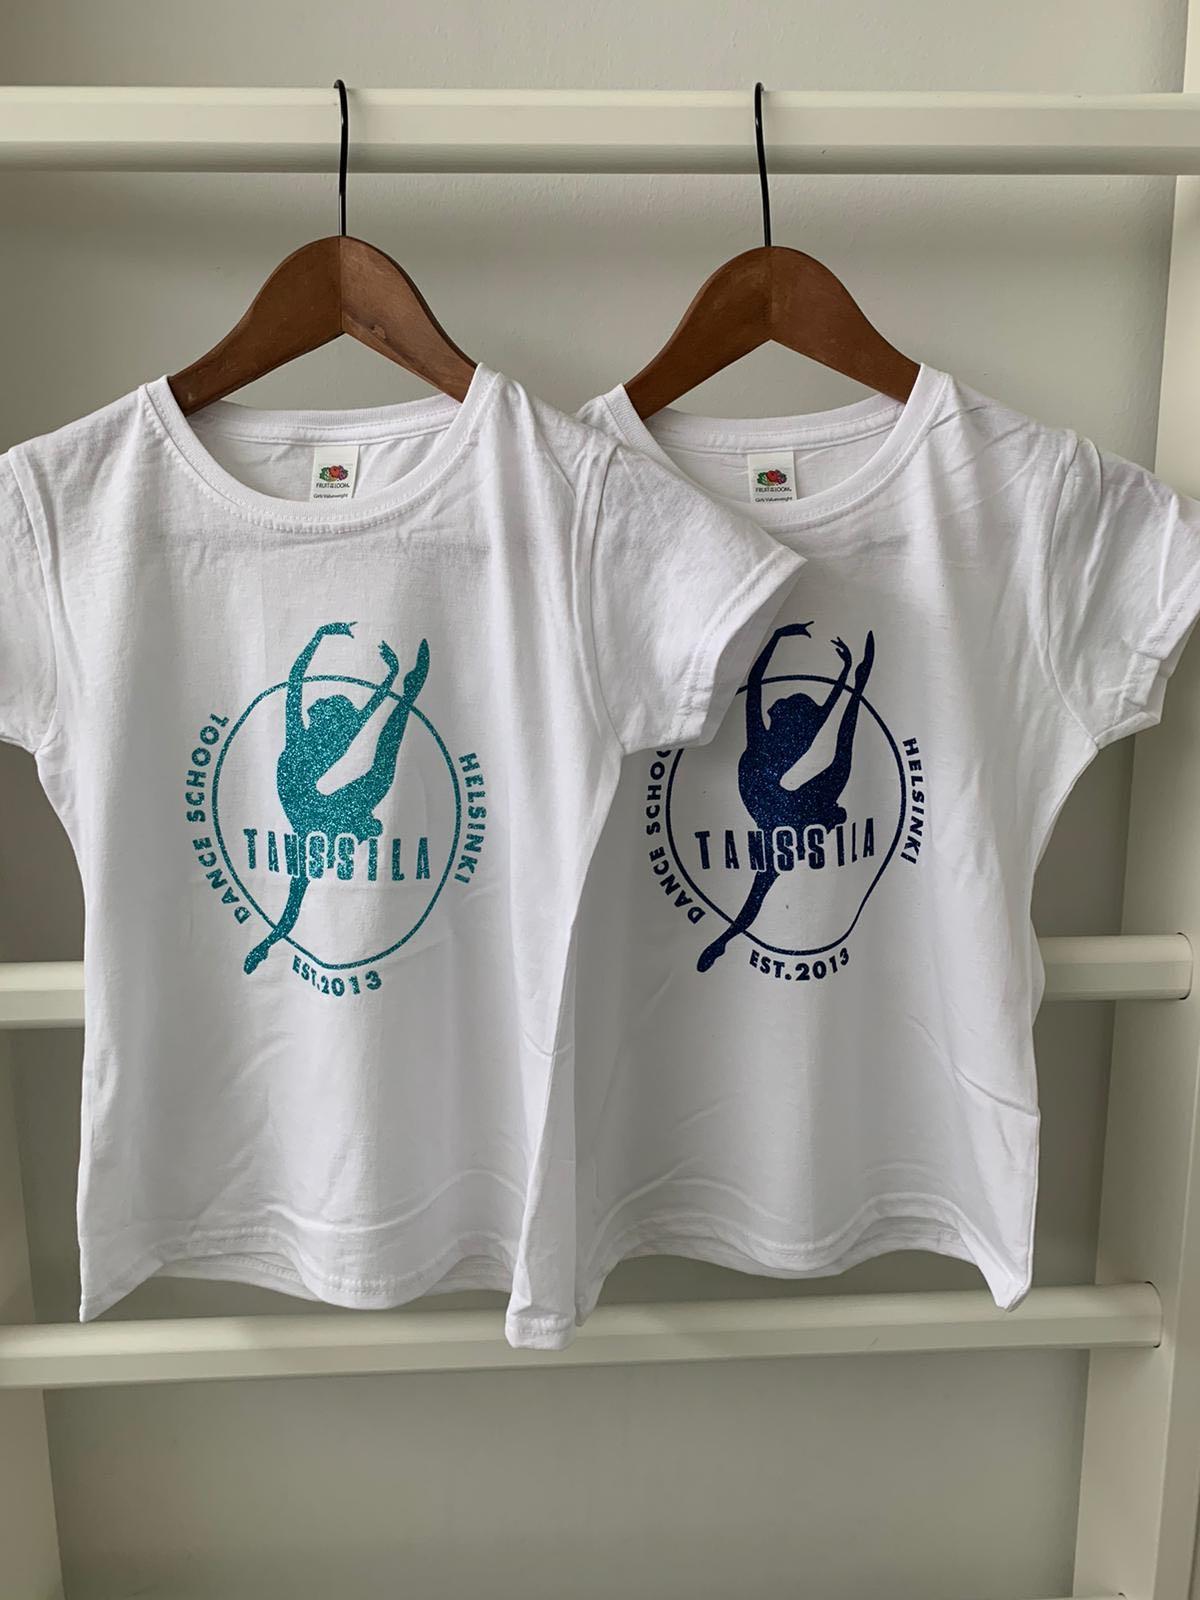 Tanssila, valkoinen t-paita turkoosilla glitterillä